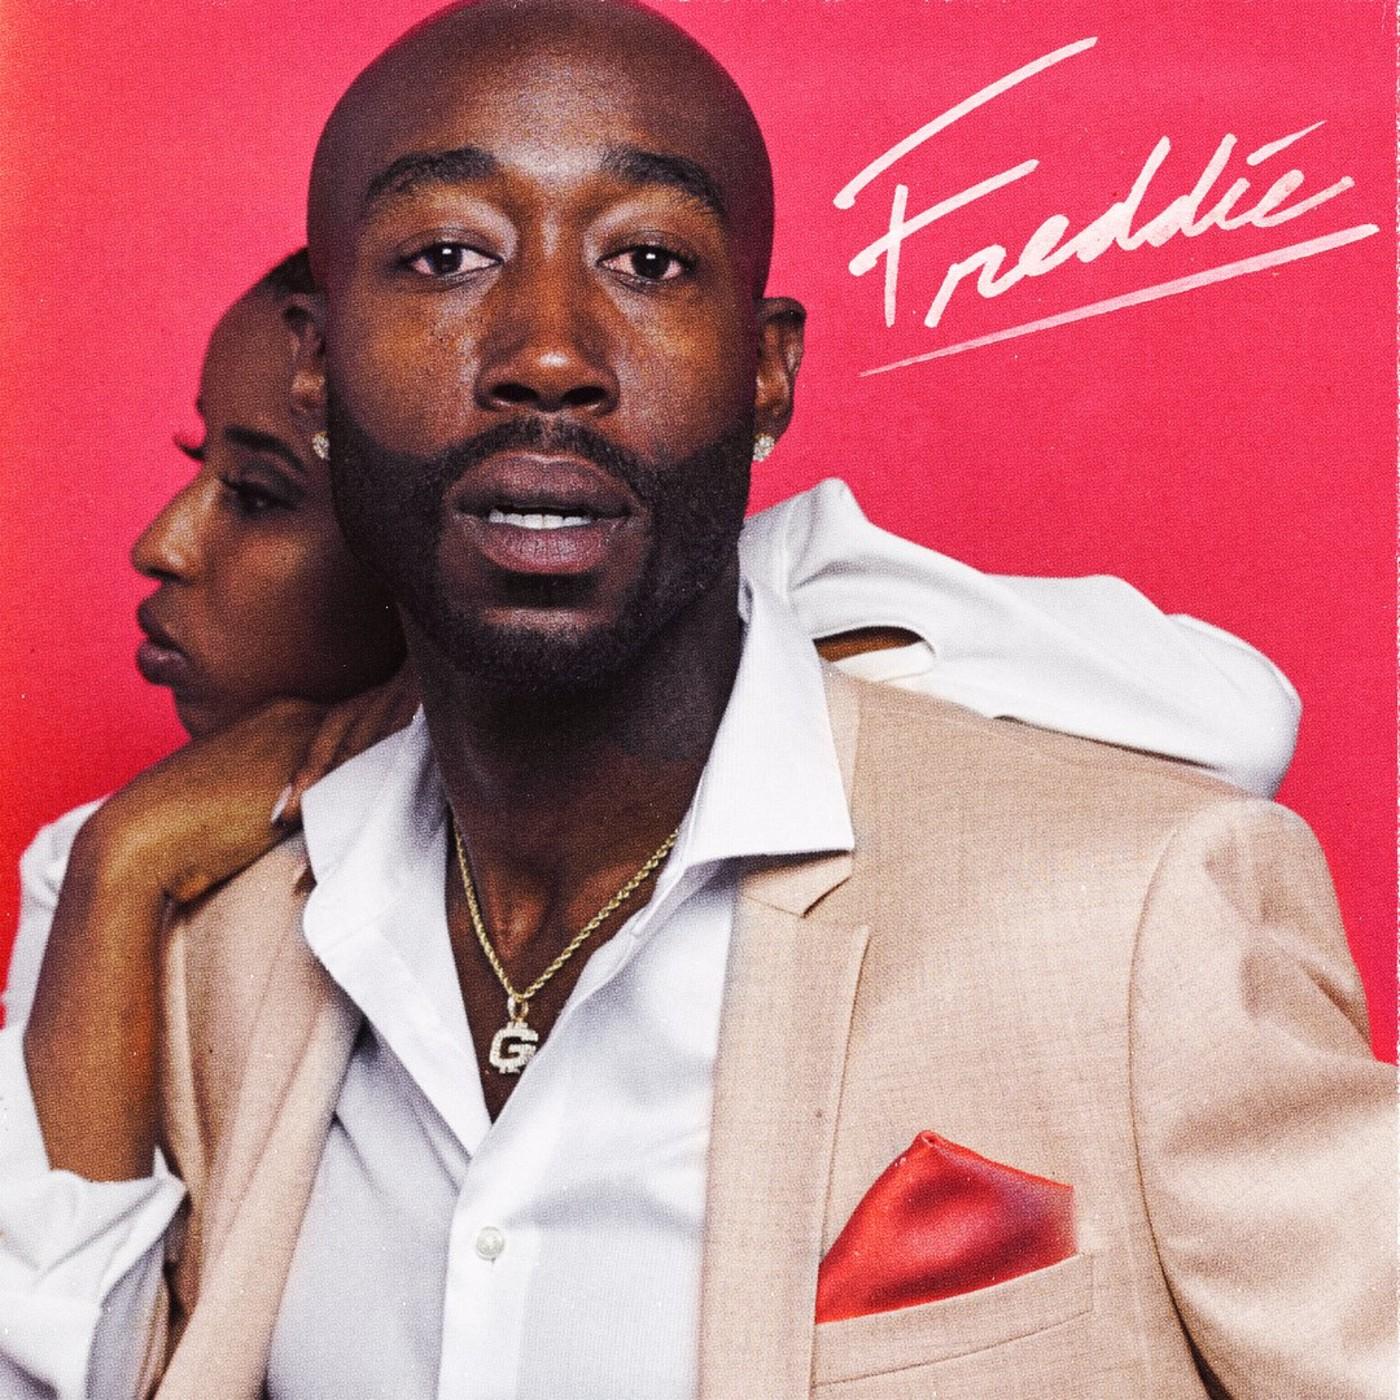 freddie-gibbs-freddie-mixtape